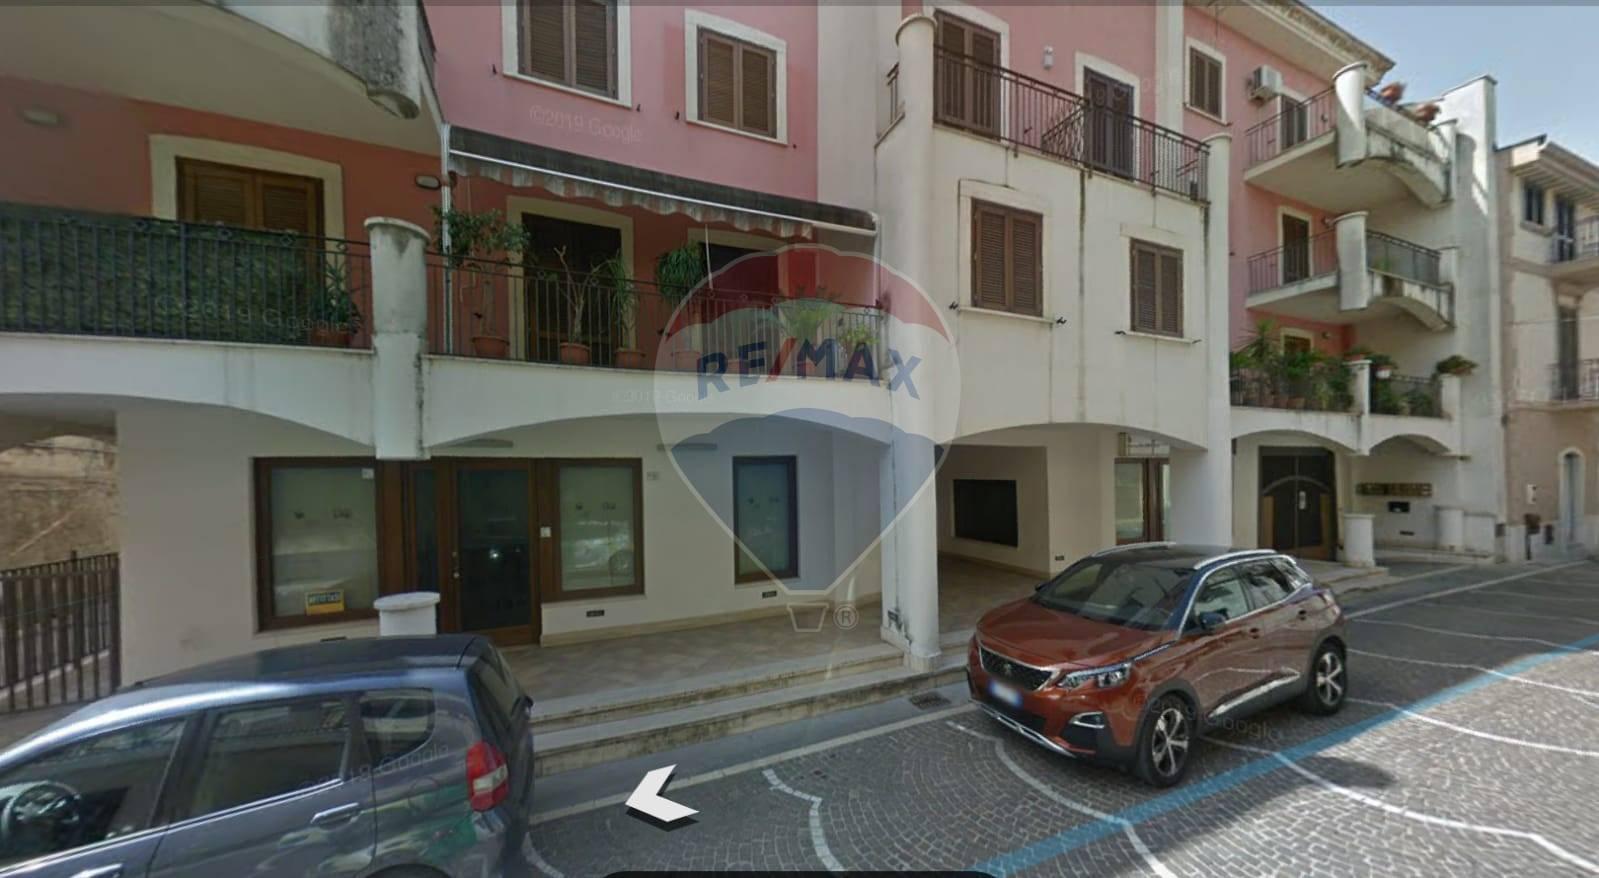 Negozio / Locale in vendita a Marcianise, 9999 locali, prezzo € 99.000 | CambioCasa.it